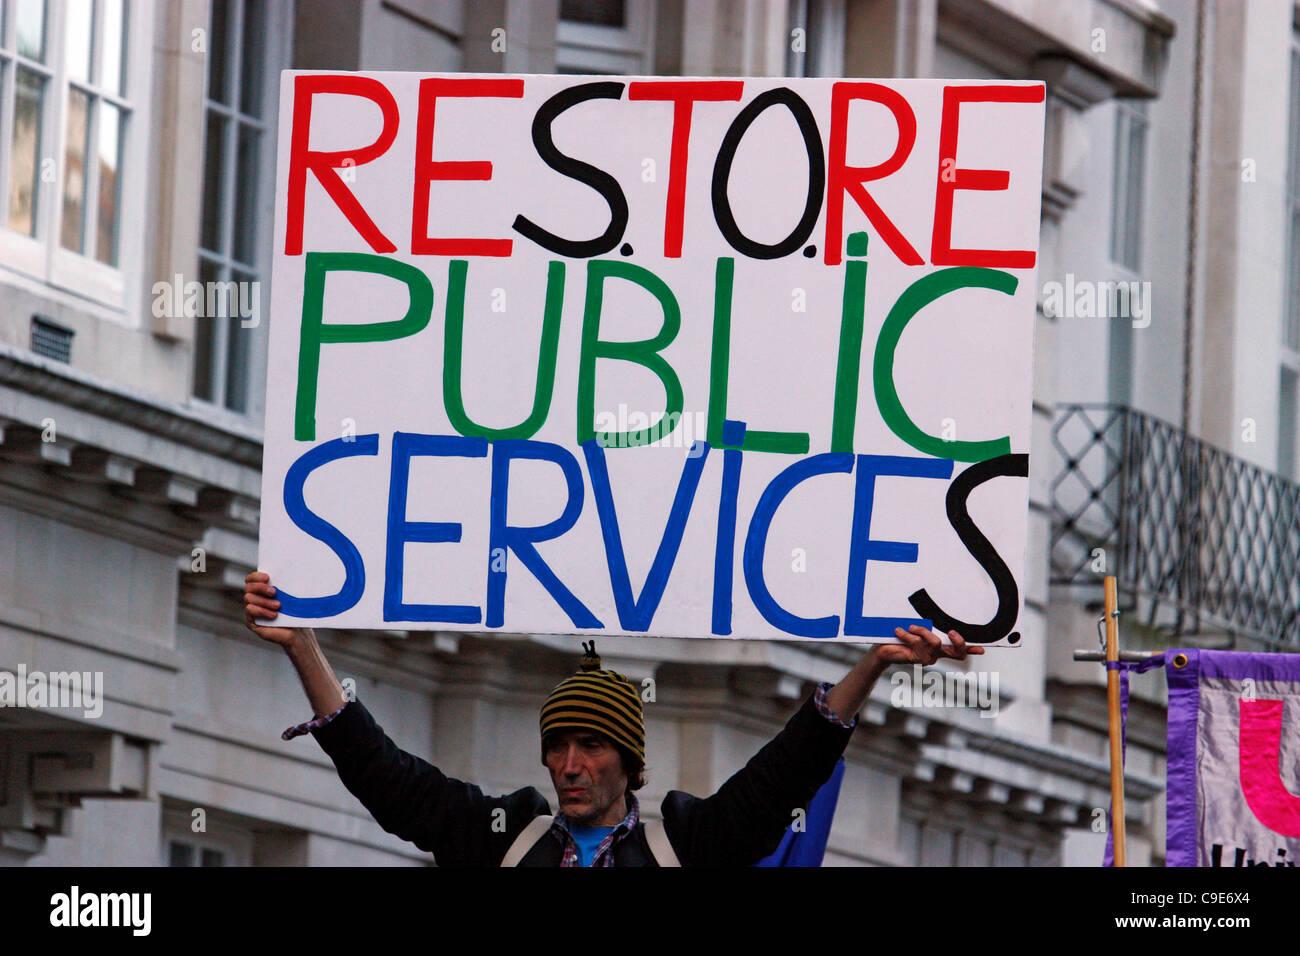 Londra, UK, 30/11/2011, i manifestanti in London, London è stato colpito oggi dal settore pubblico lo sciopero Immagini Stock